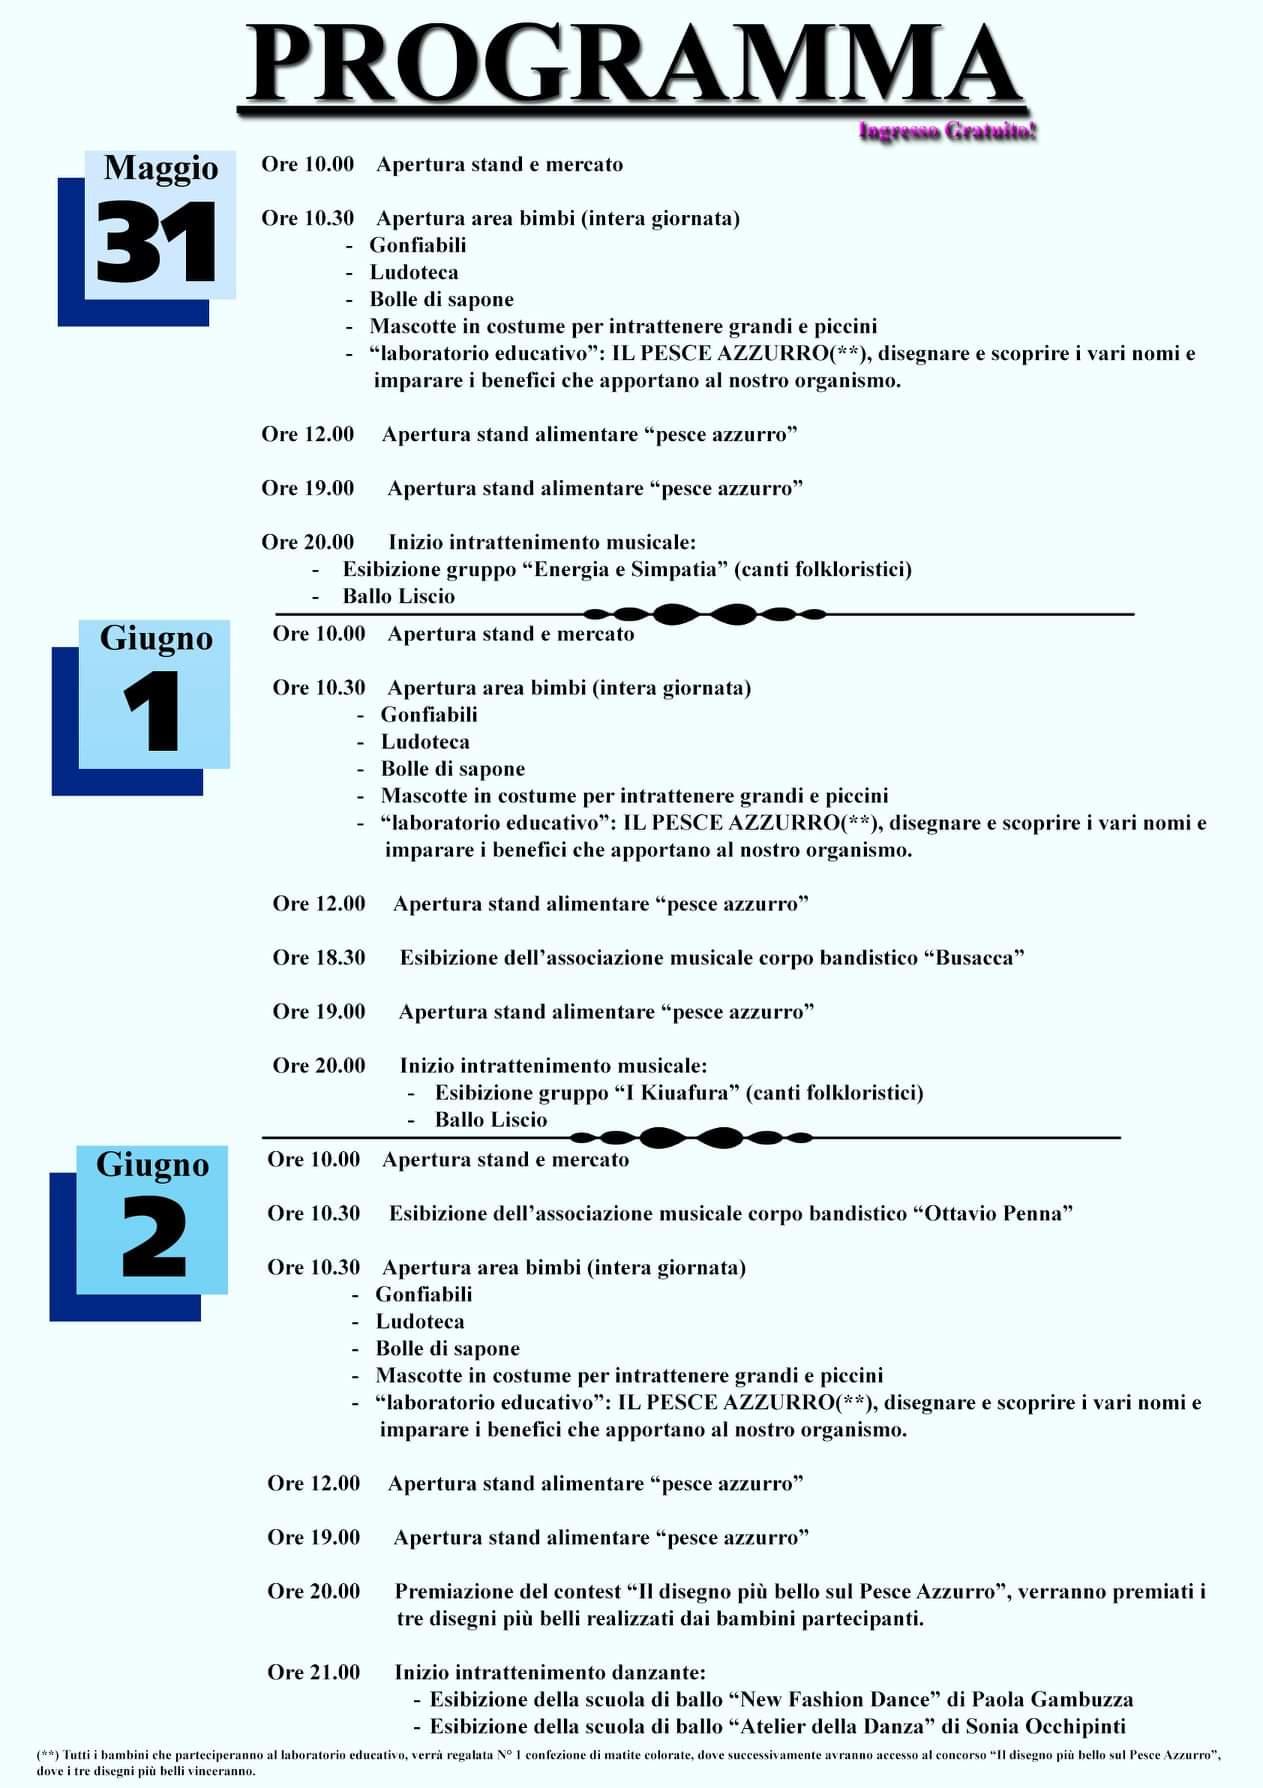 Programma 2019 sagra del pesce azzurro